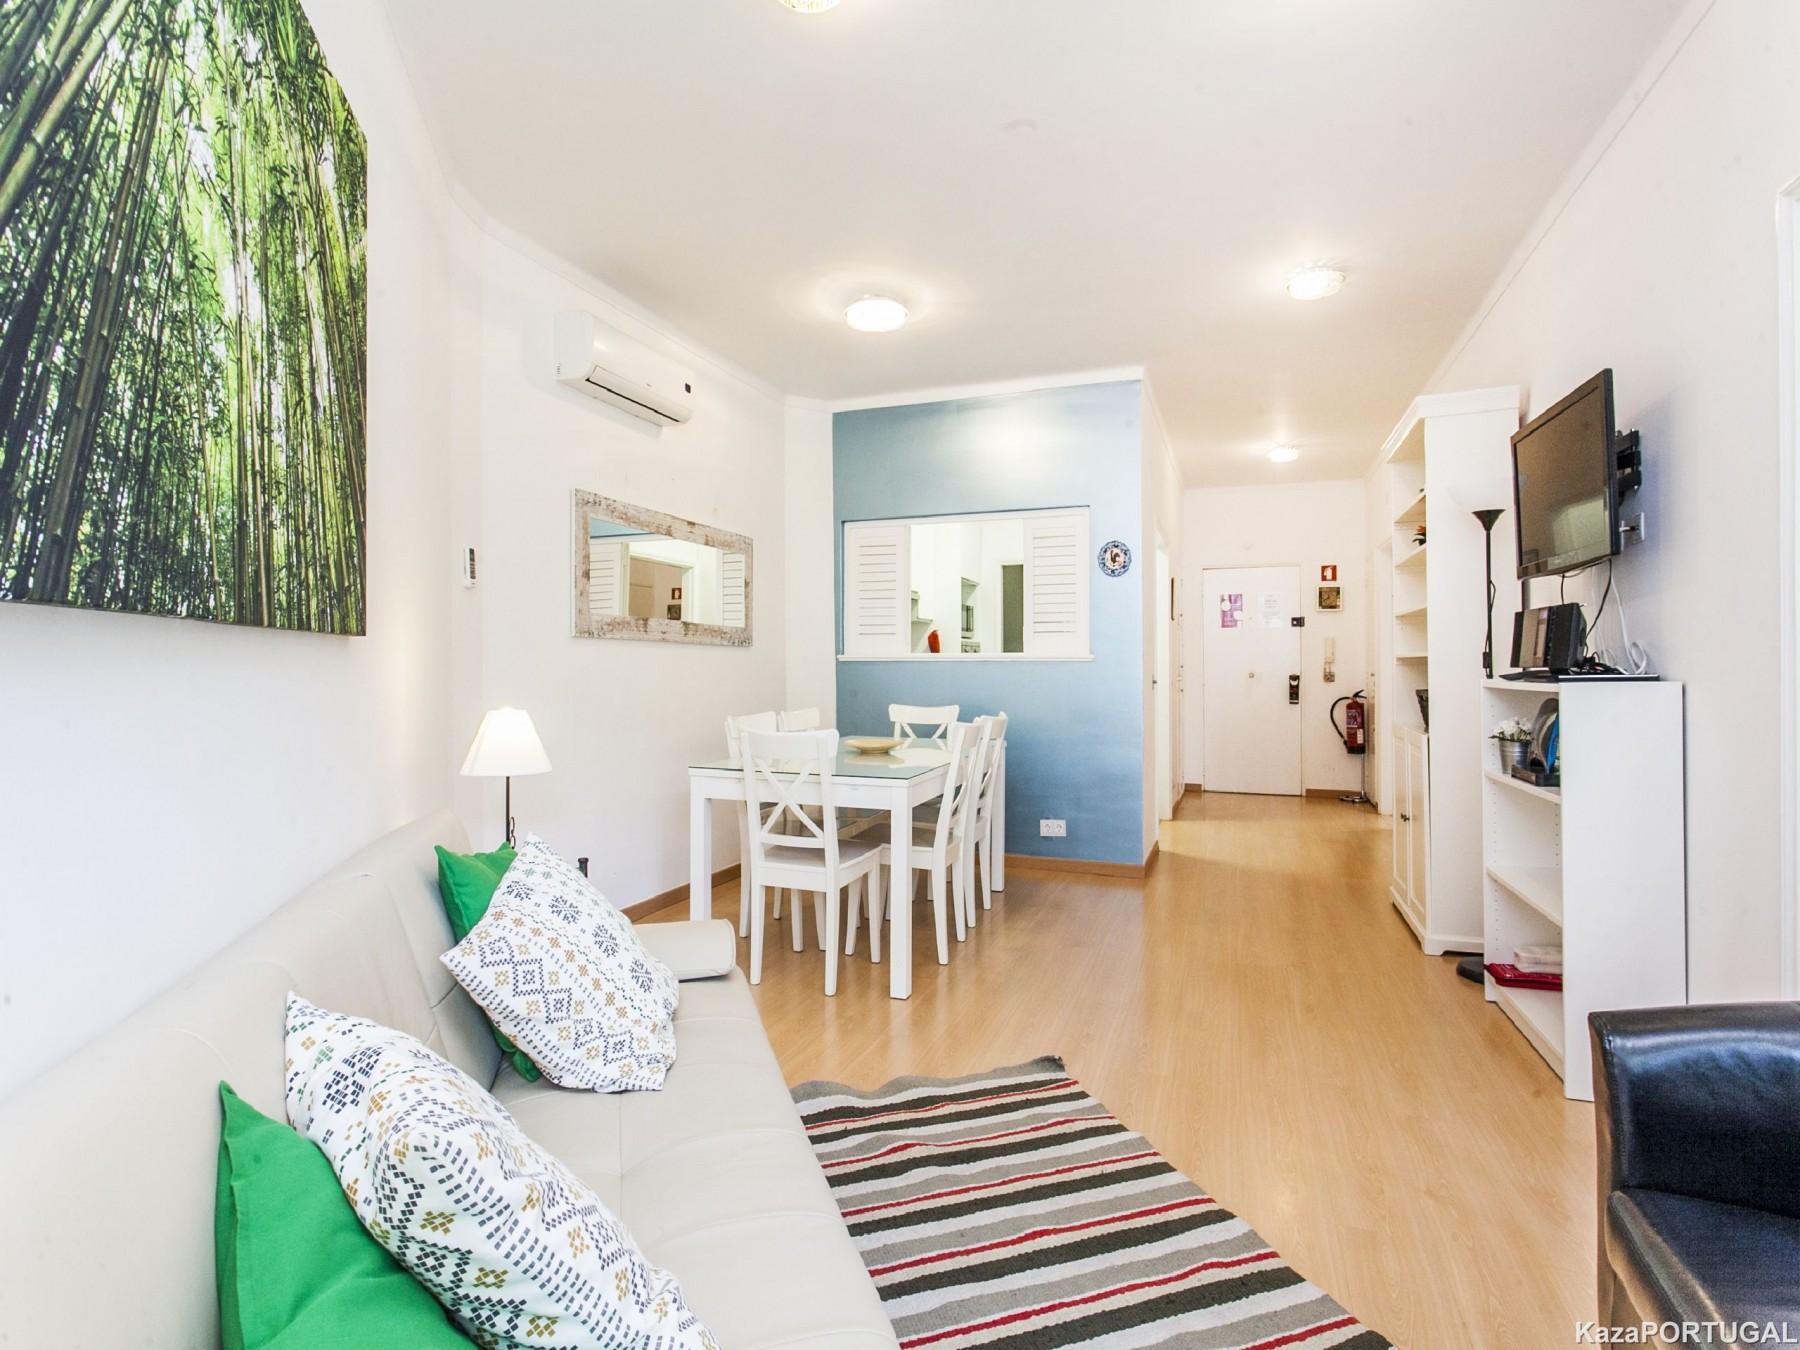 Apartments in Cascais - Ereira with Pool in Cascais